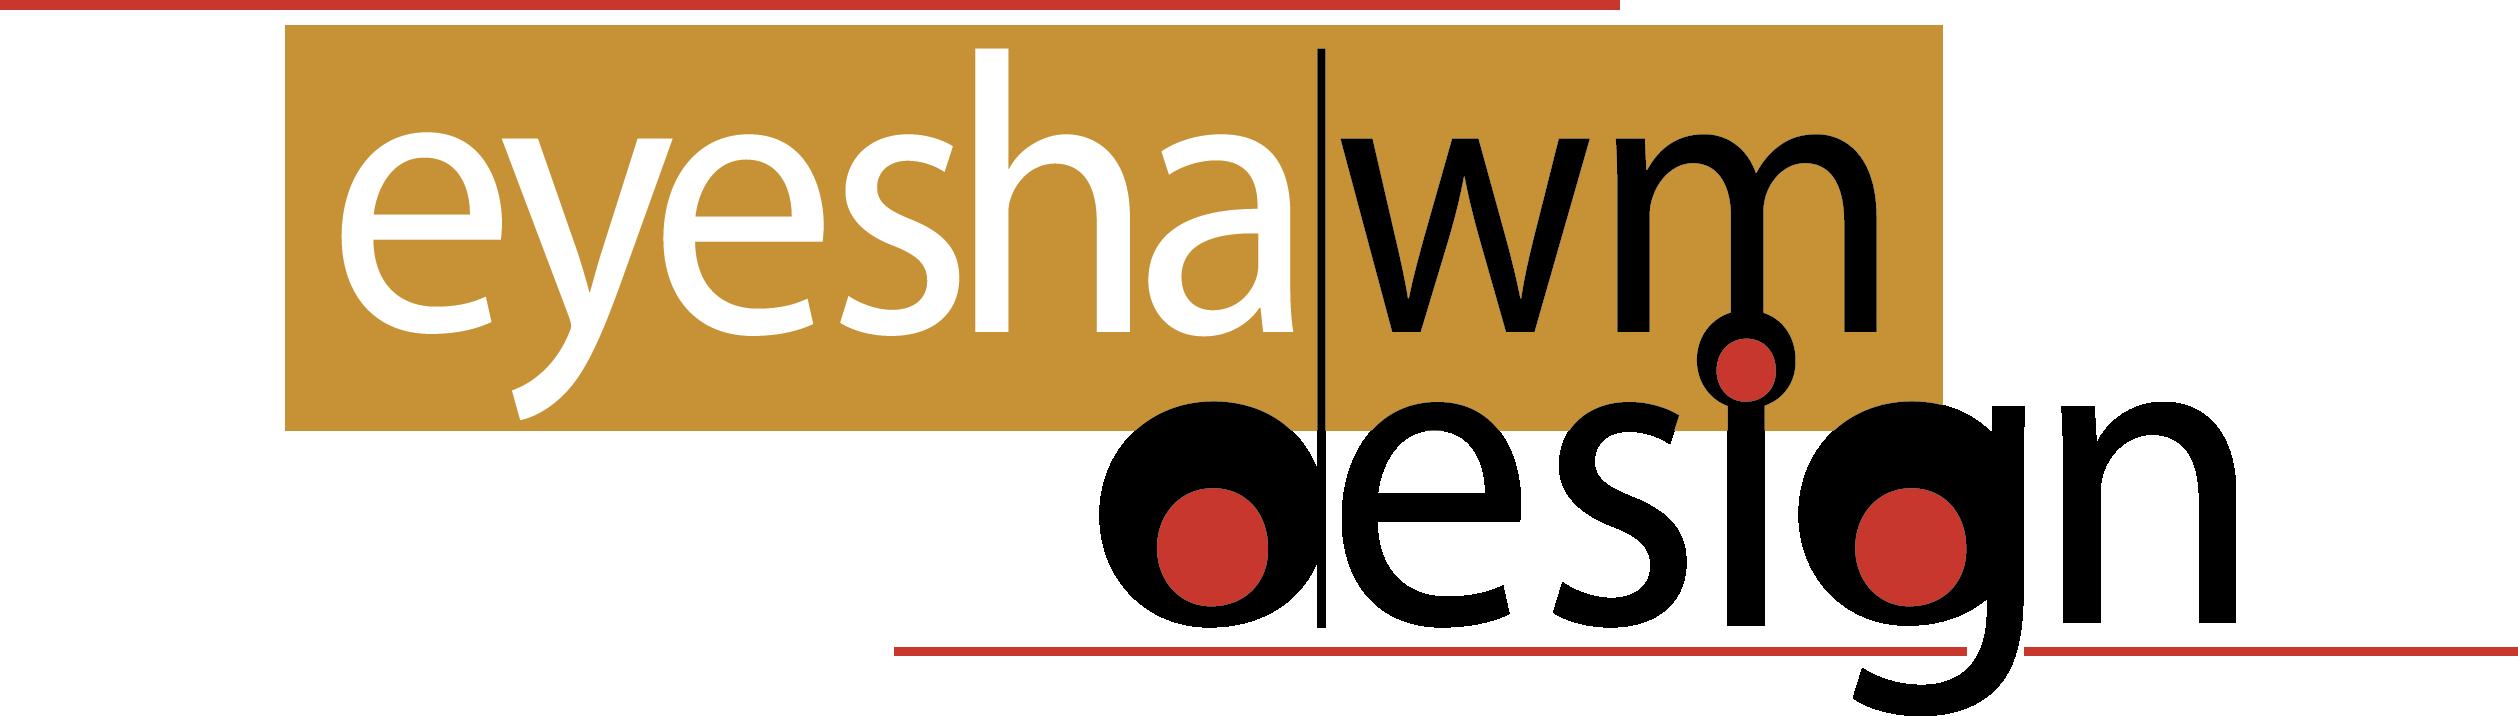 Eyeshawm Design